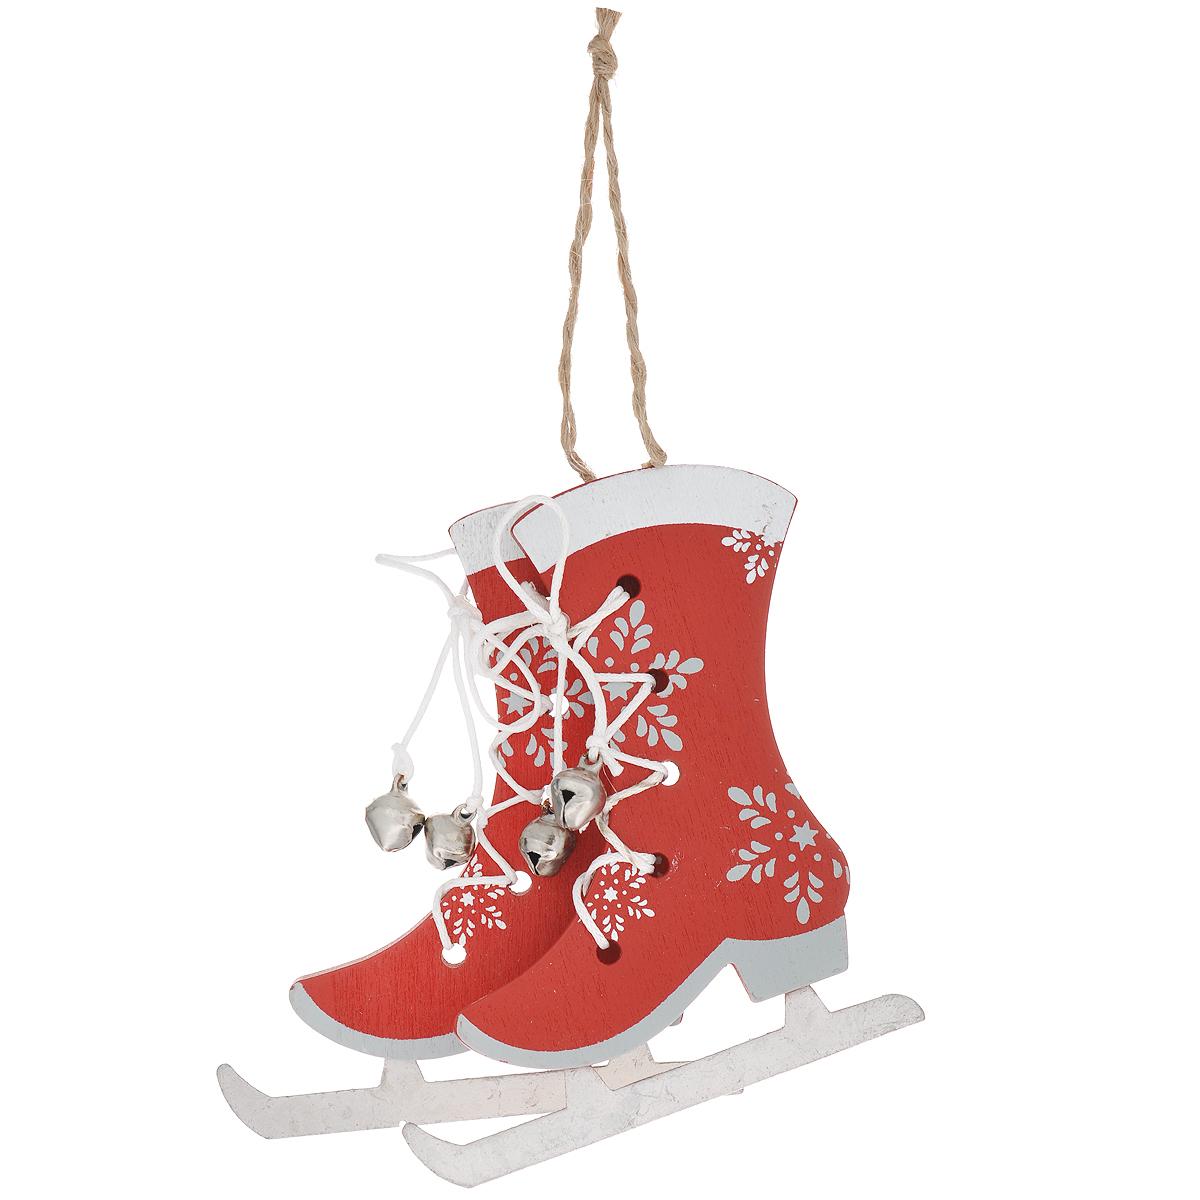 Новогоднее подвесное украшение Фигурные коньки, цвет: красный. 3530635306Оригинальное новогоднее украшение из пластика прекрасно подойдет для праздничного декора дома и новогодней ели. Изделие крепится на елку с помощью металлического зажима.